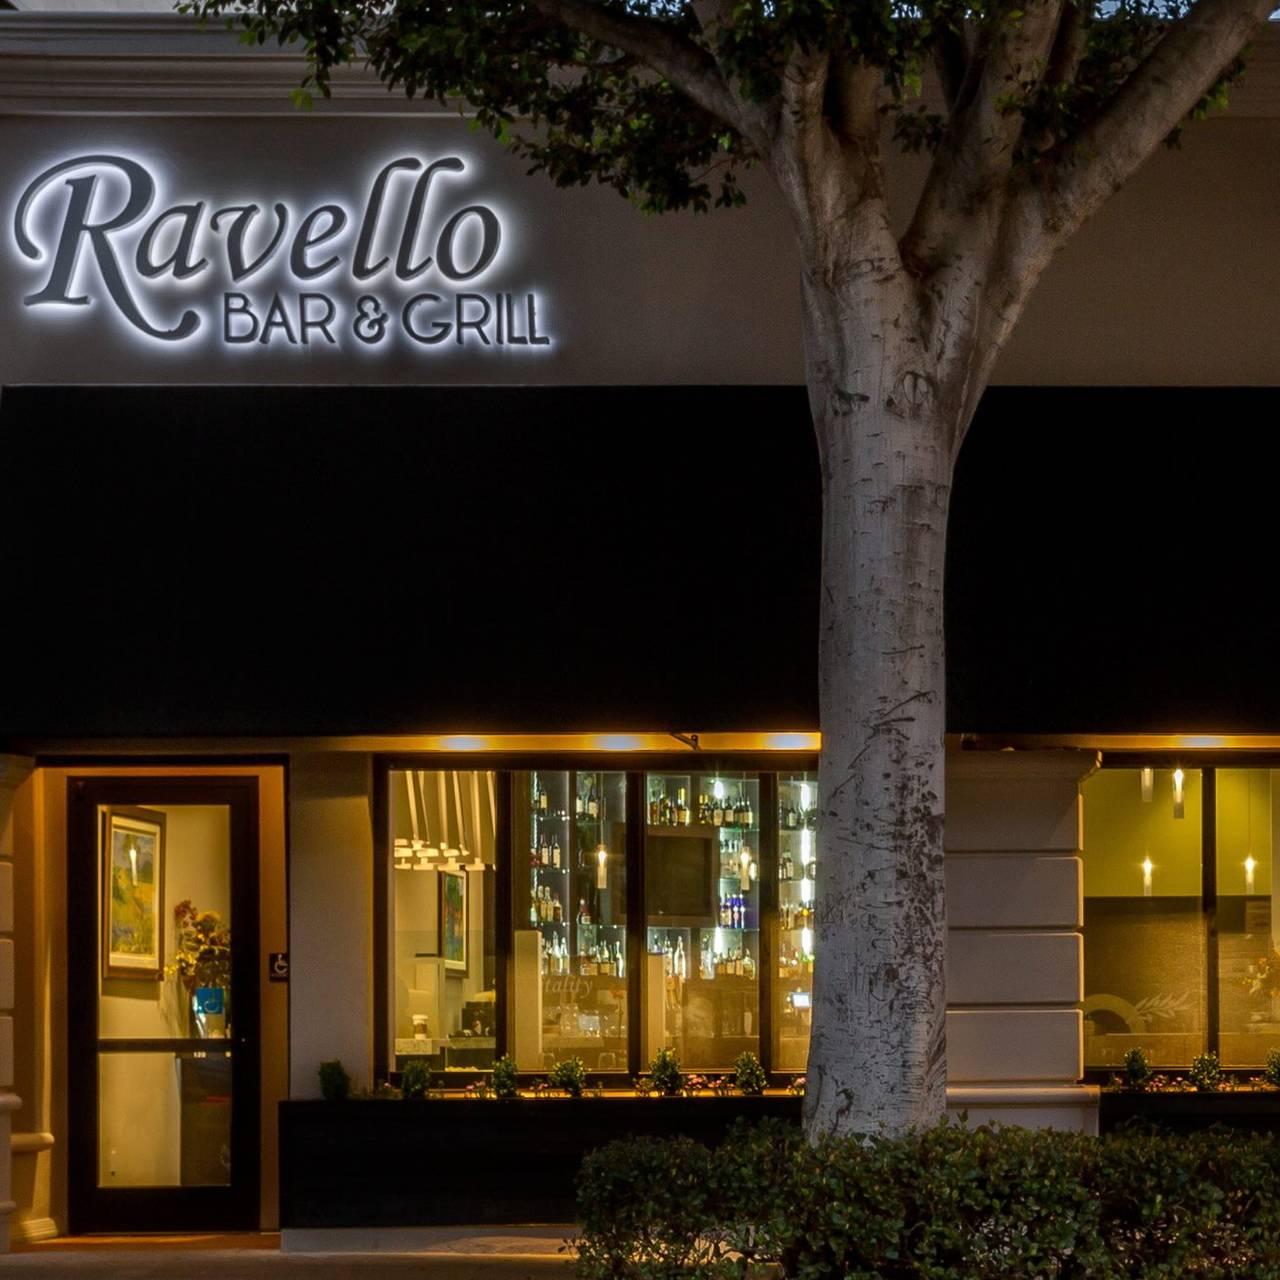 Ravello Bar Grill Restaurant Whittier Ca Opentable